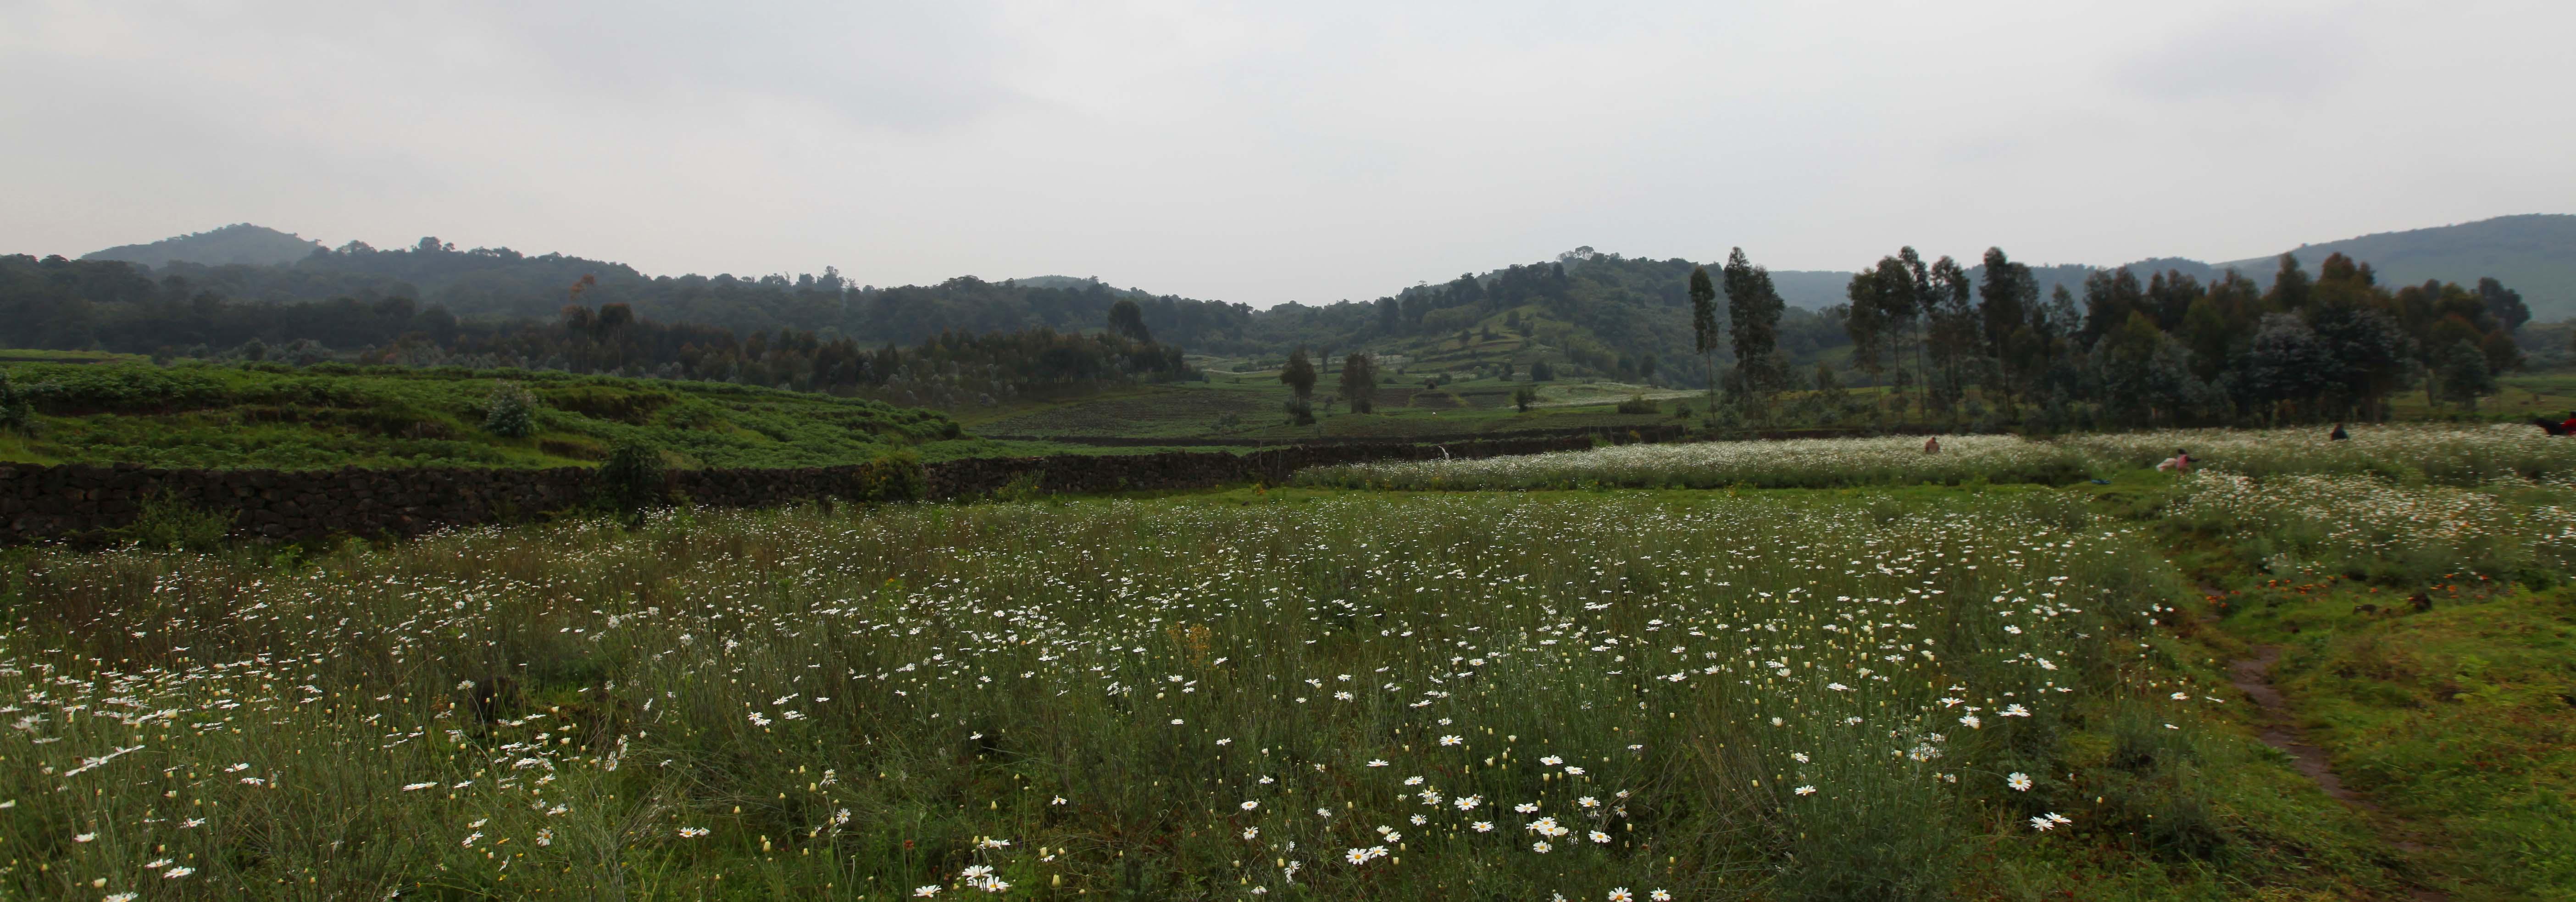 Farmland near Virunga